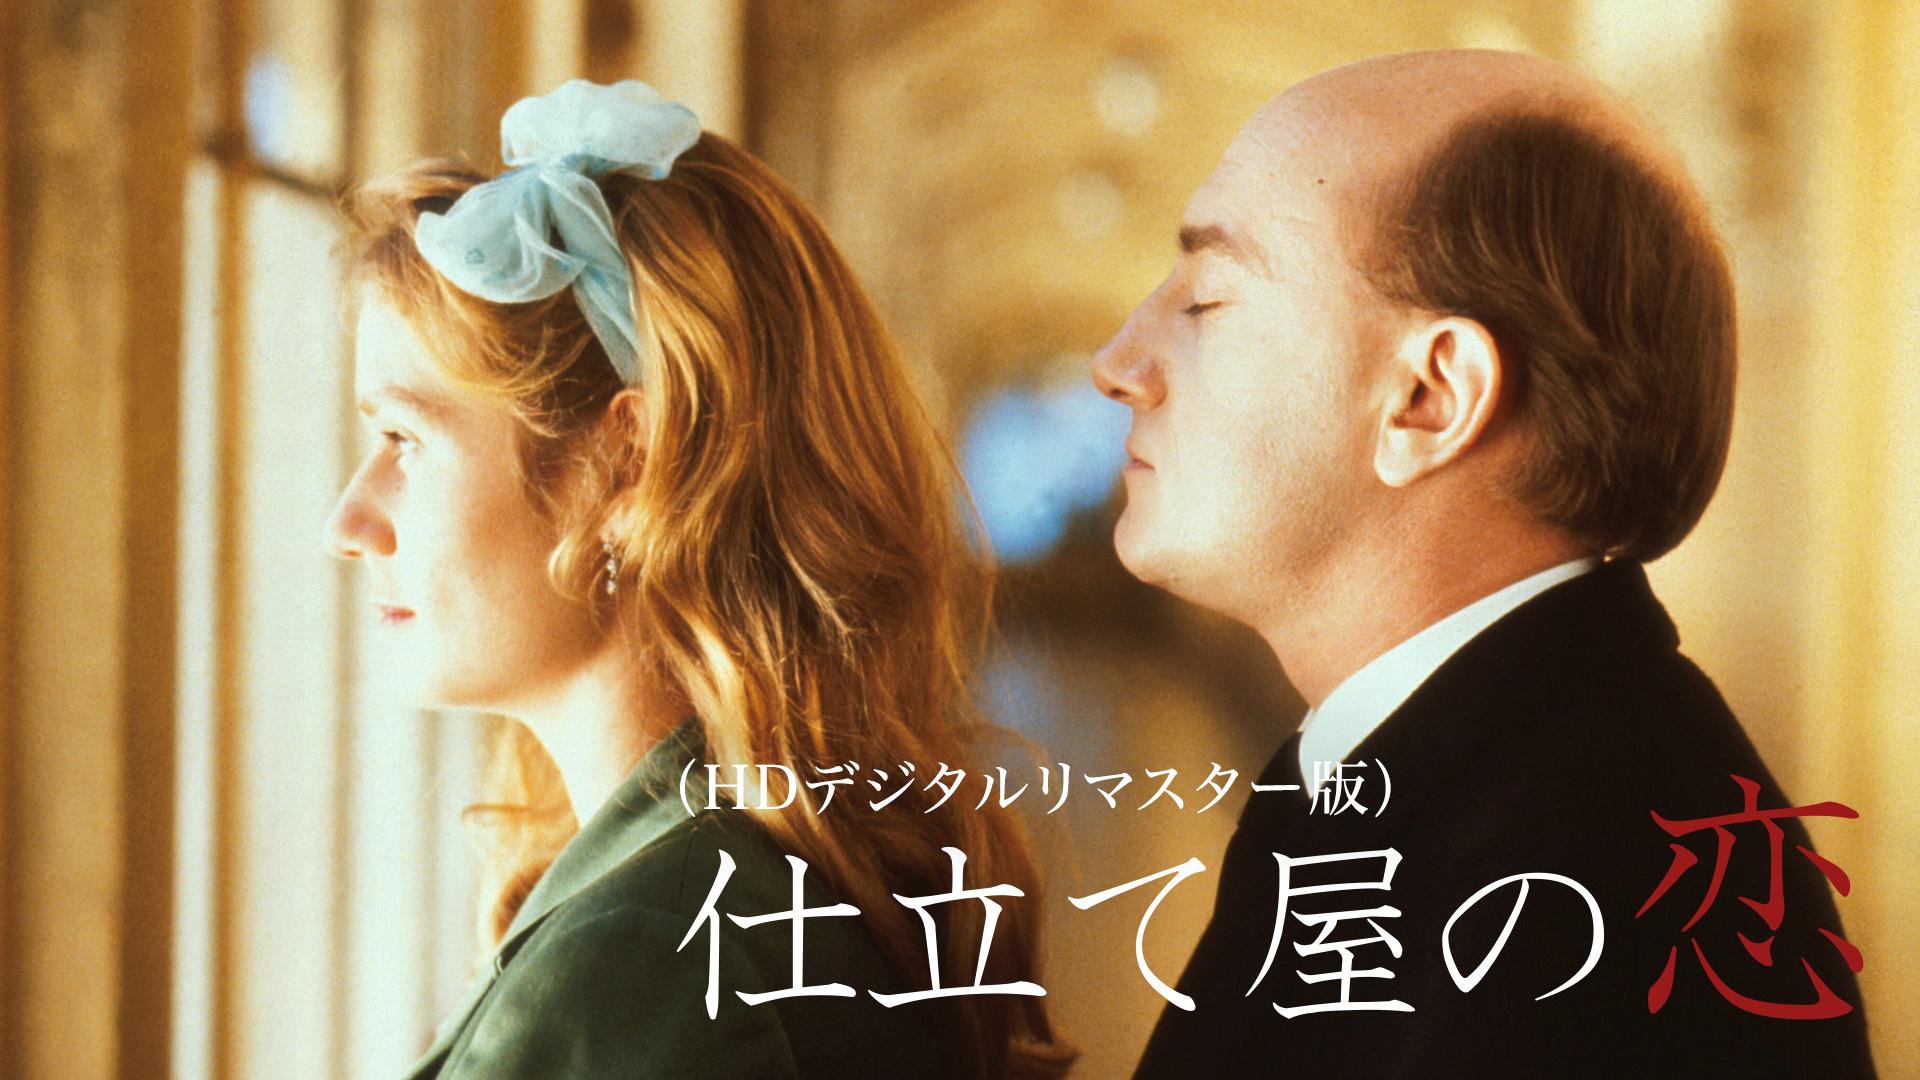 仕立て屋の恋(HDデジタルリマスター版)